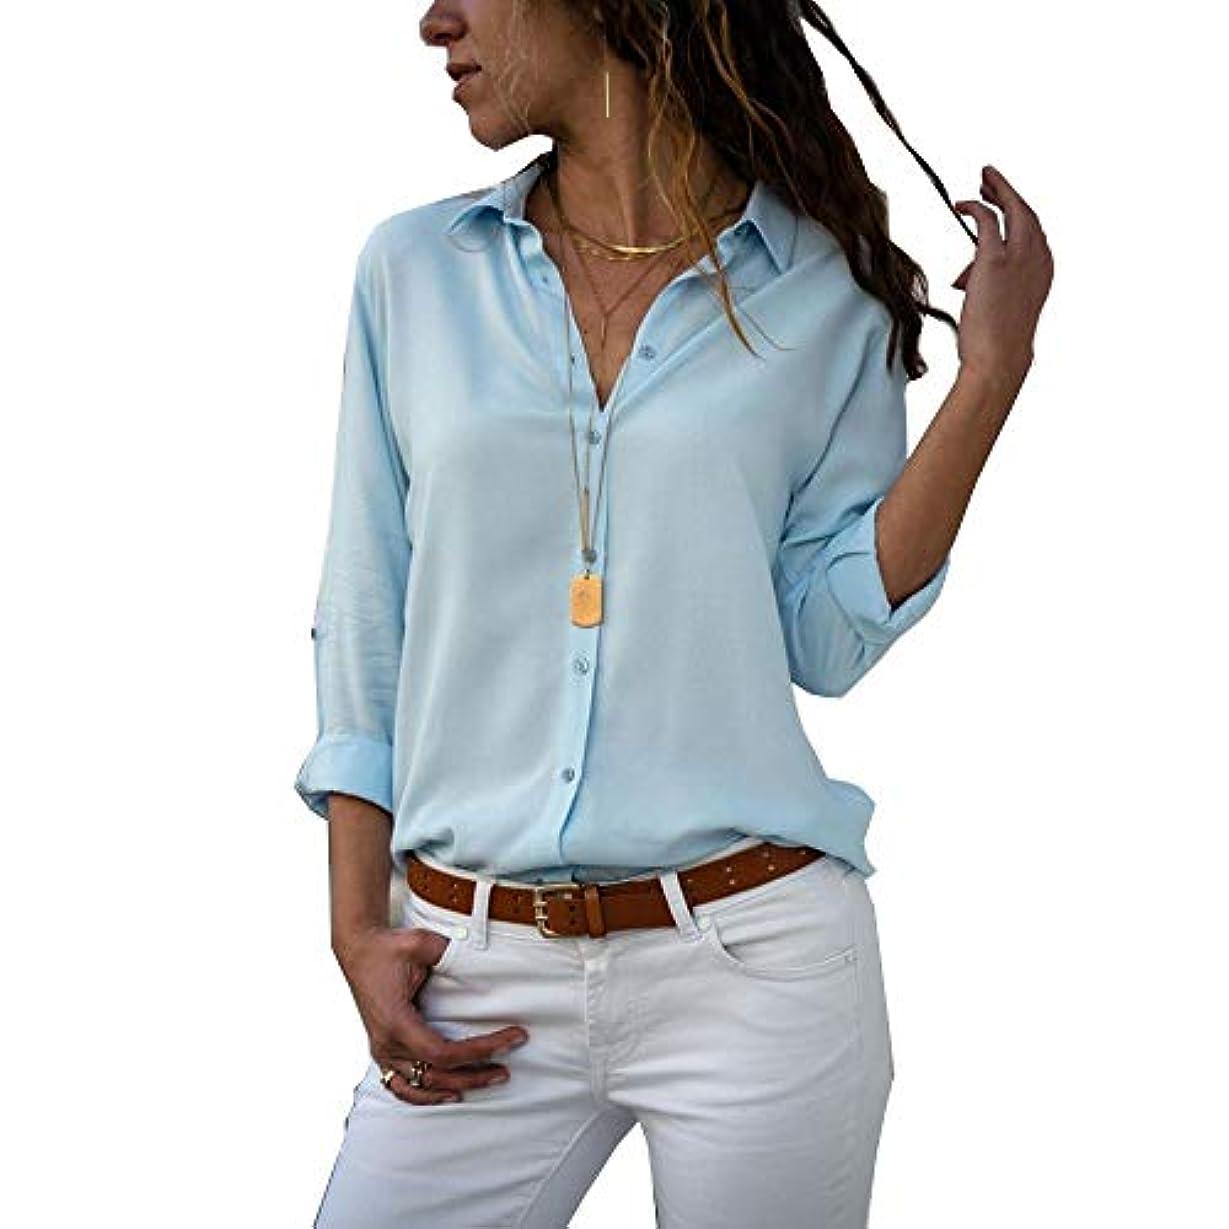 アパル怠けた味わうMIFAN ルーズシャツ、トップス&Tシャツ、プラスサイズ、トップス&ブラウス、シフォンブラウス、女性トップス、シフォンシャツ